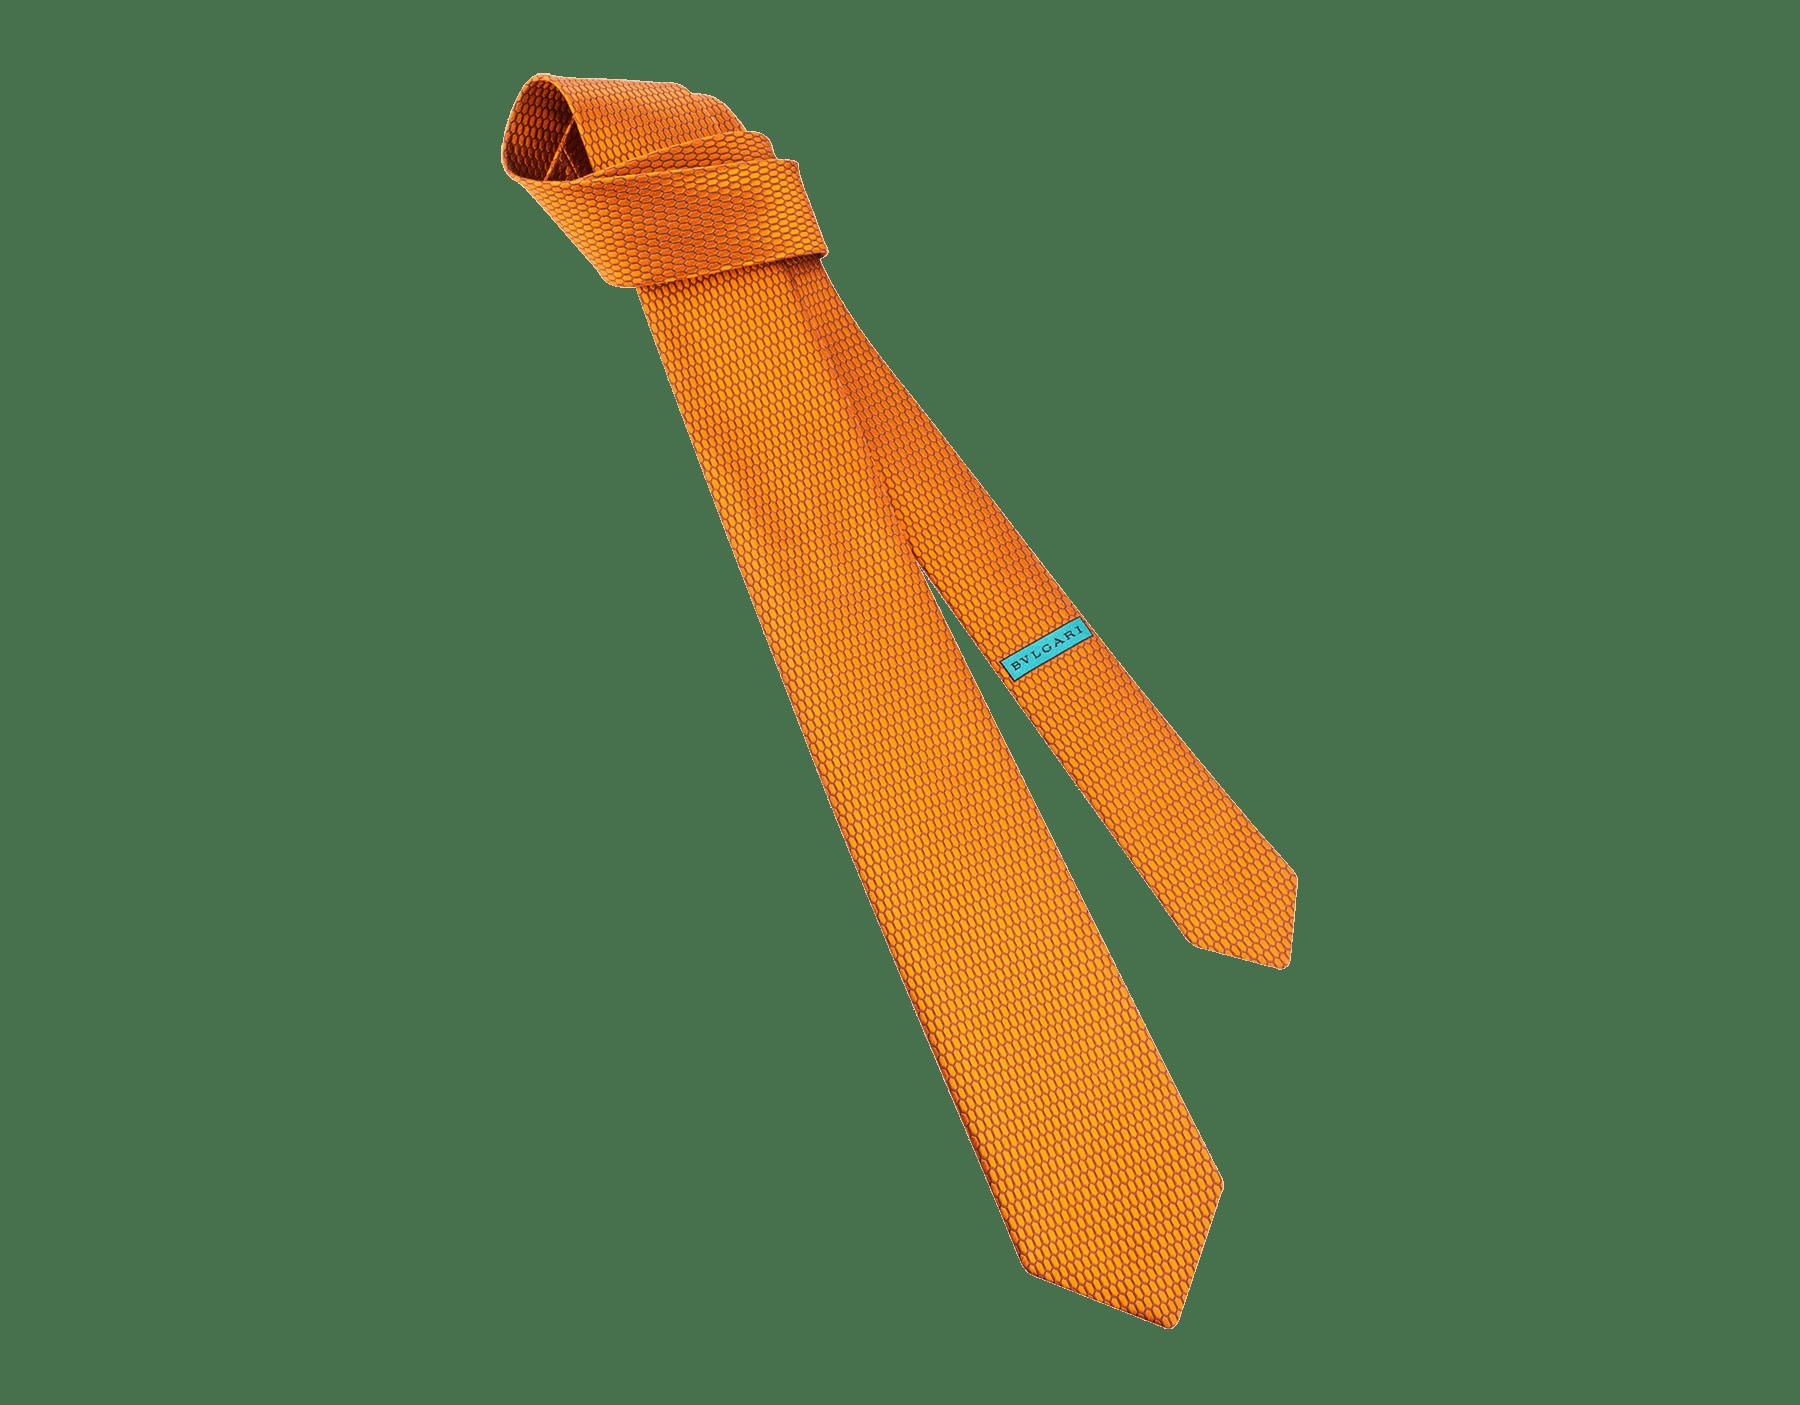 オレンジのスネークカラー セブンフォールドネクタイ。上質なジャカードシルク製。 ColorSnake image 1